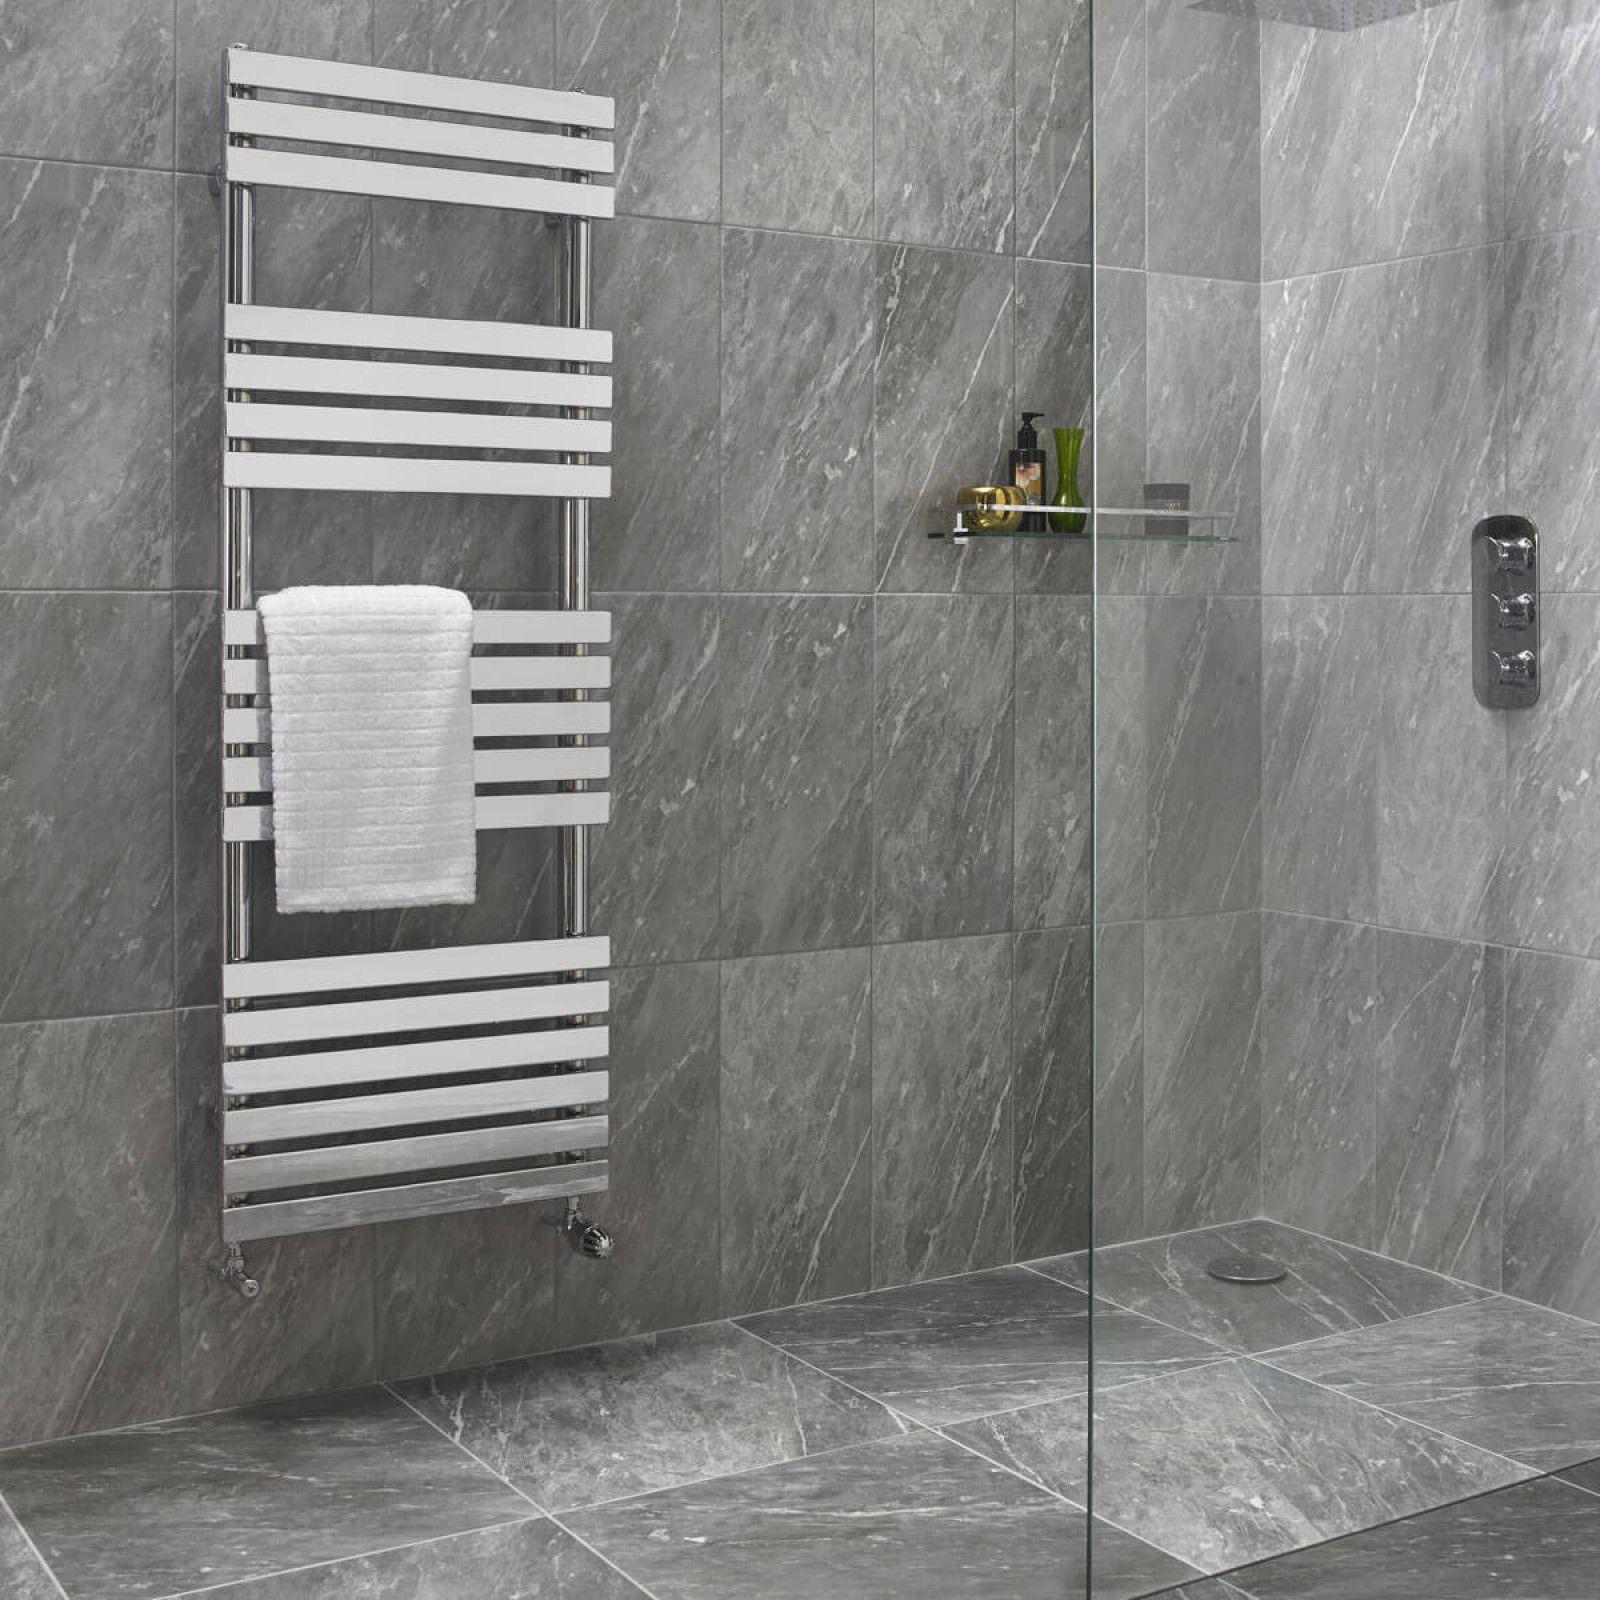 Hd In 2020 Bathroom Wall Tile Small Bathroom Grey Marble Bathroom